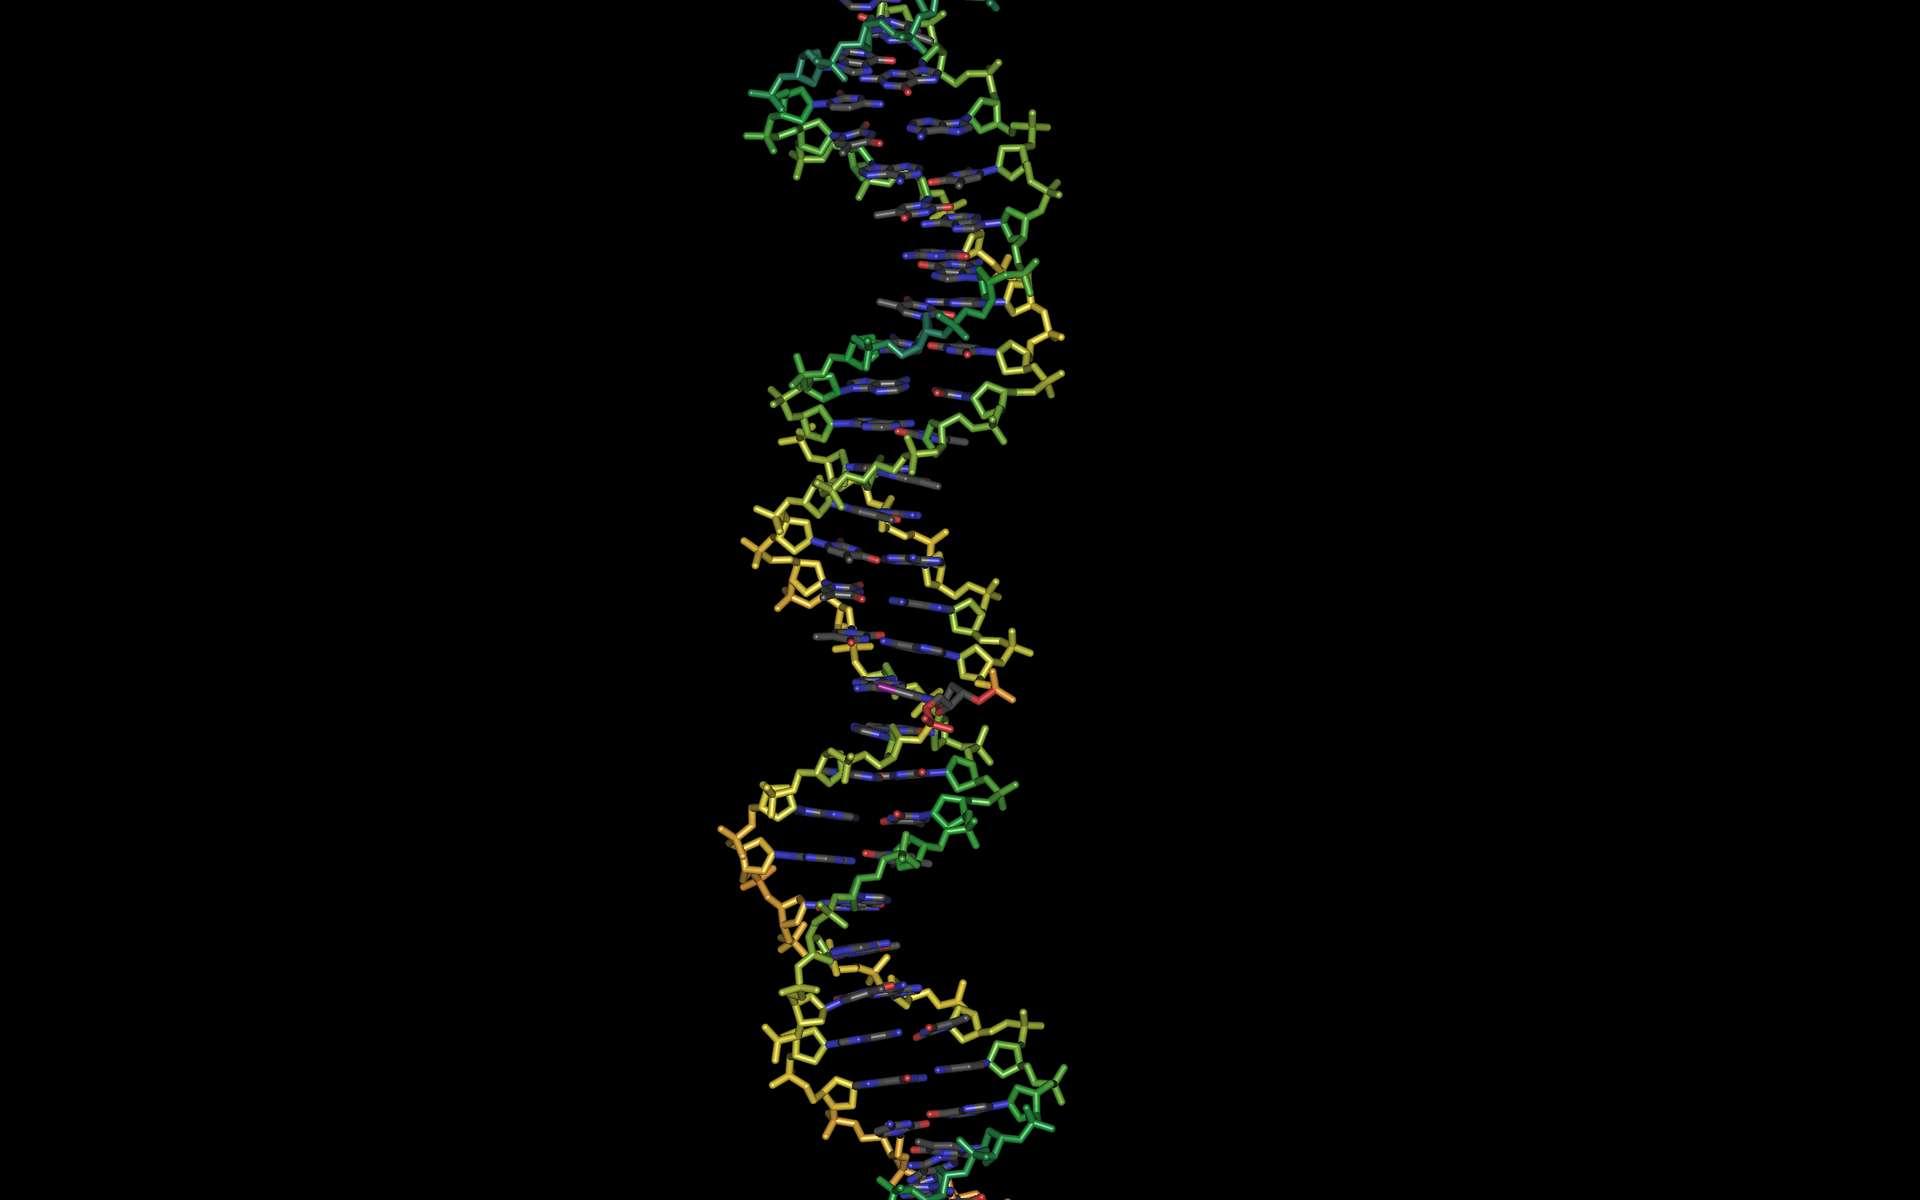 Le séquençage complet du génome humain a été achevé en 2003. Depuis, grâce à l'amélioration des techniques, il en coûte de moins en moins de temps et d'argent. Ainsi, avant même d'être nés, les bébés pourraient déjà avoir subi un test ADN. © Yunxiang987, StockFreeImages.com